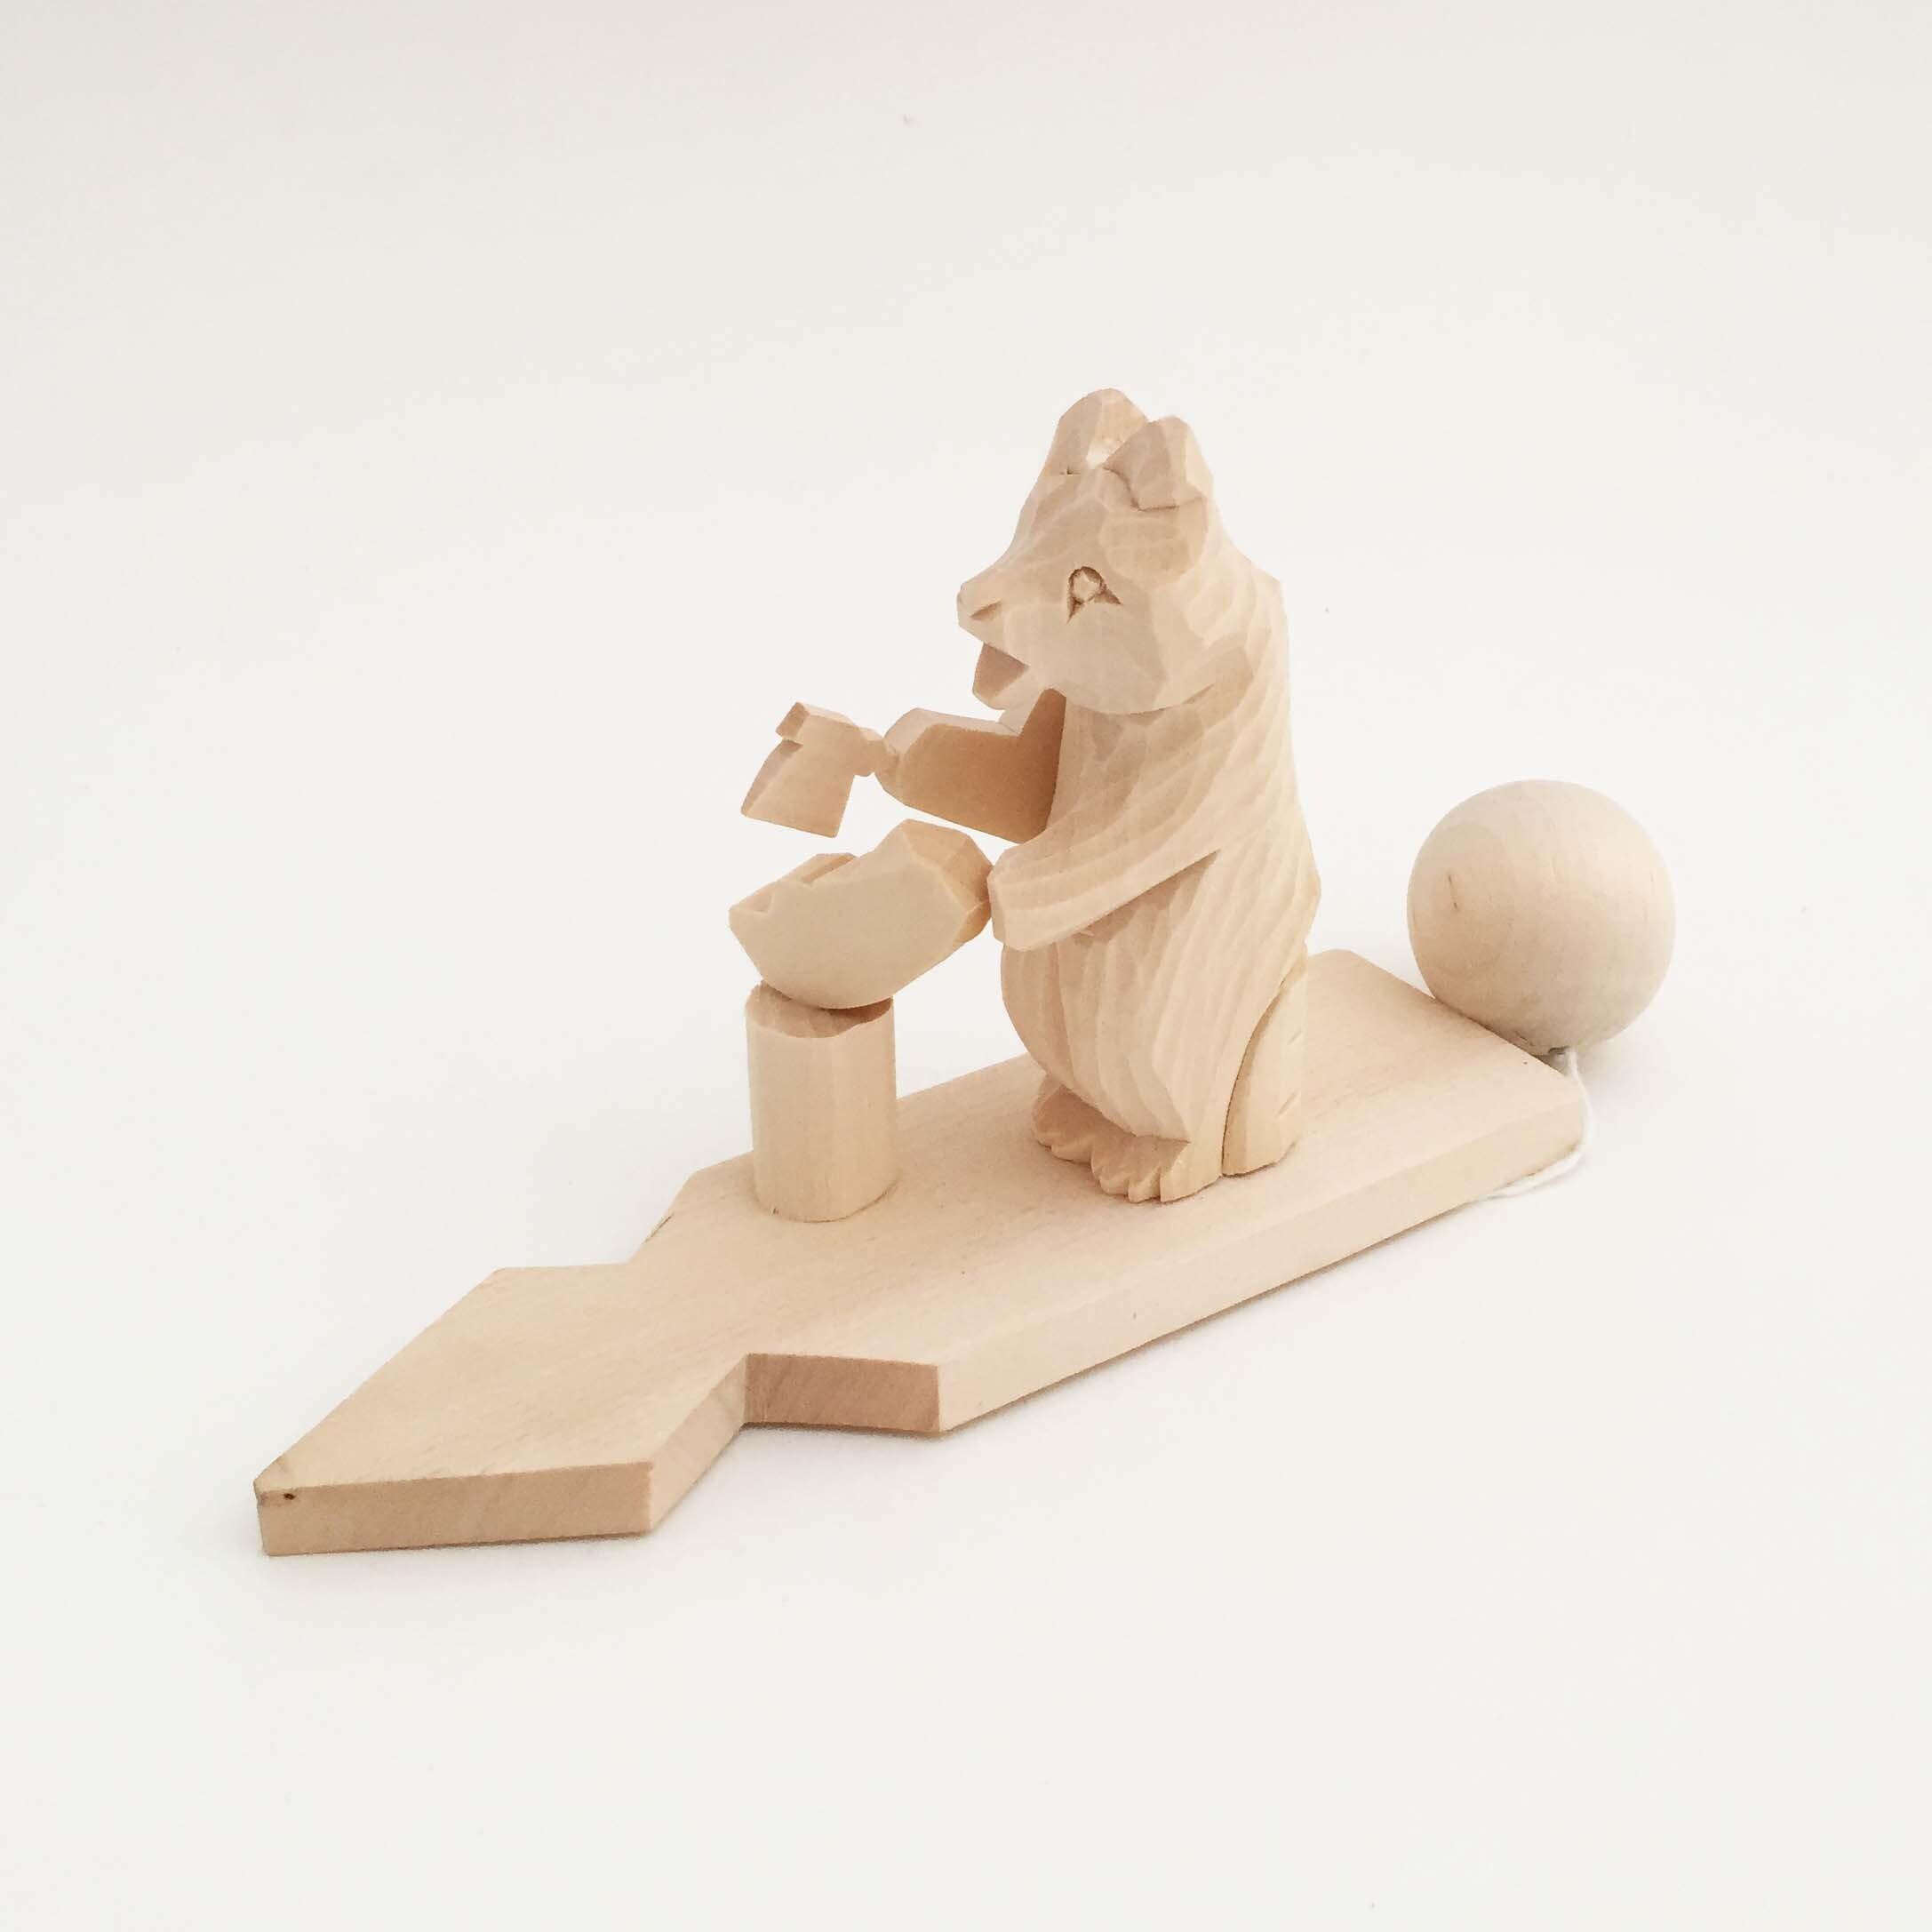 ボゴロツコエ木地玩具「クマの木こり」